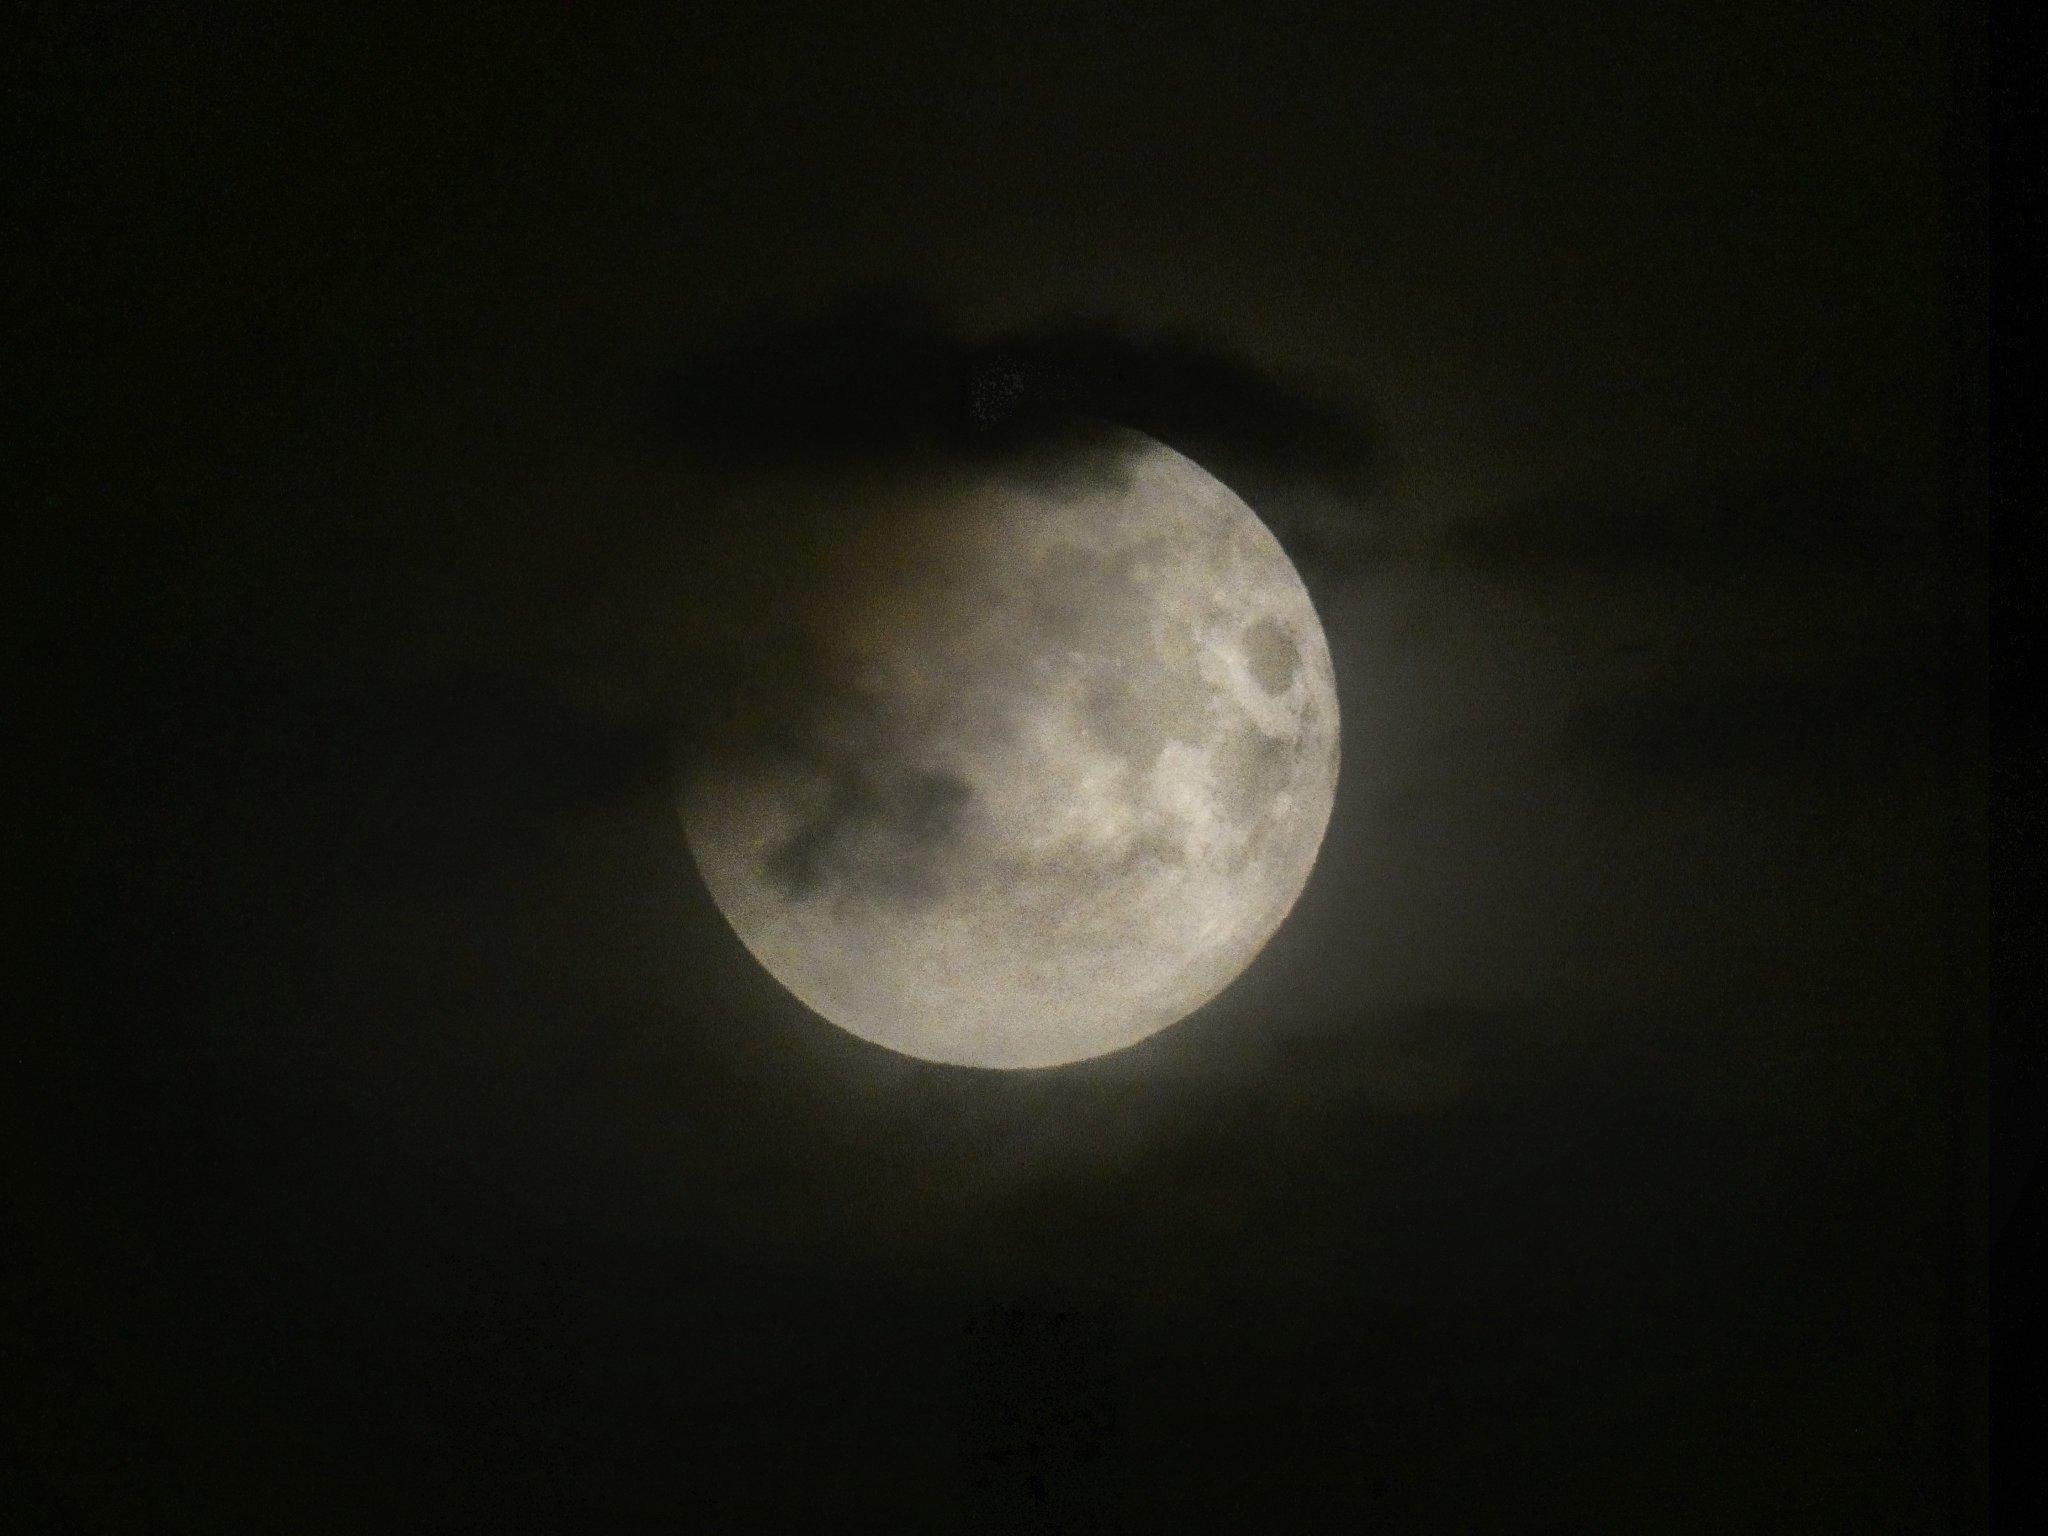 как фотографировать луну ночью на зеркалку можно защитить